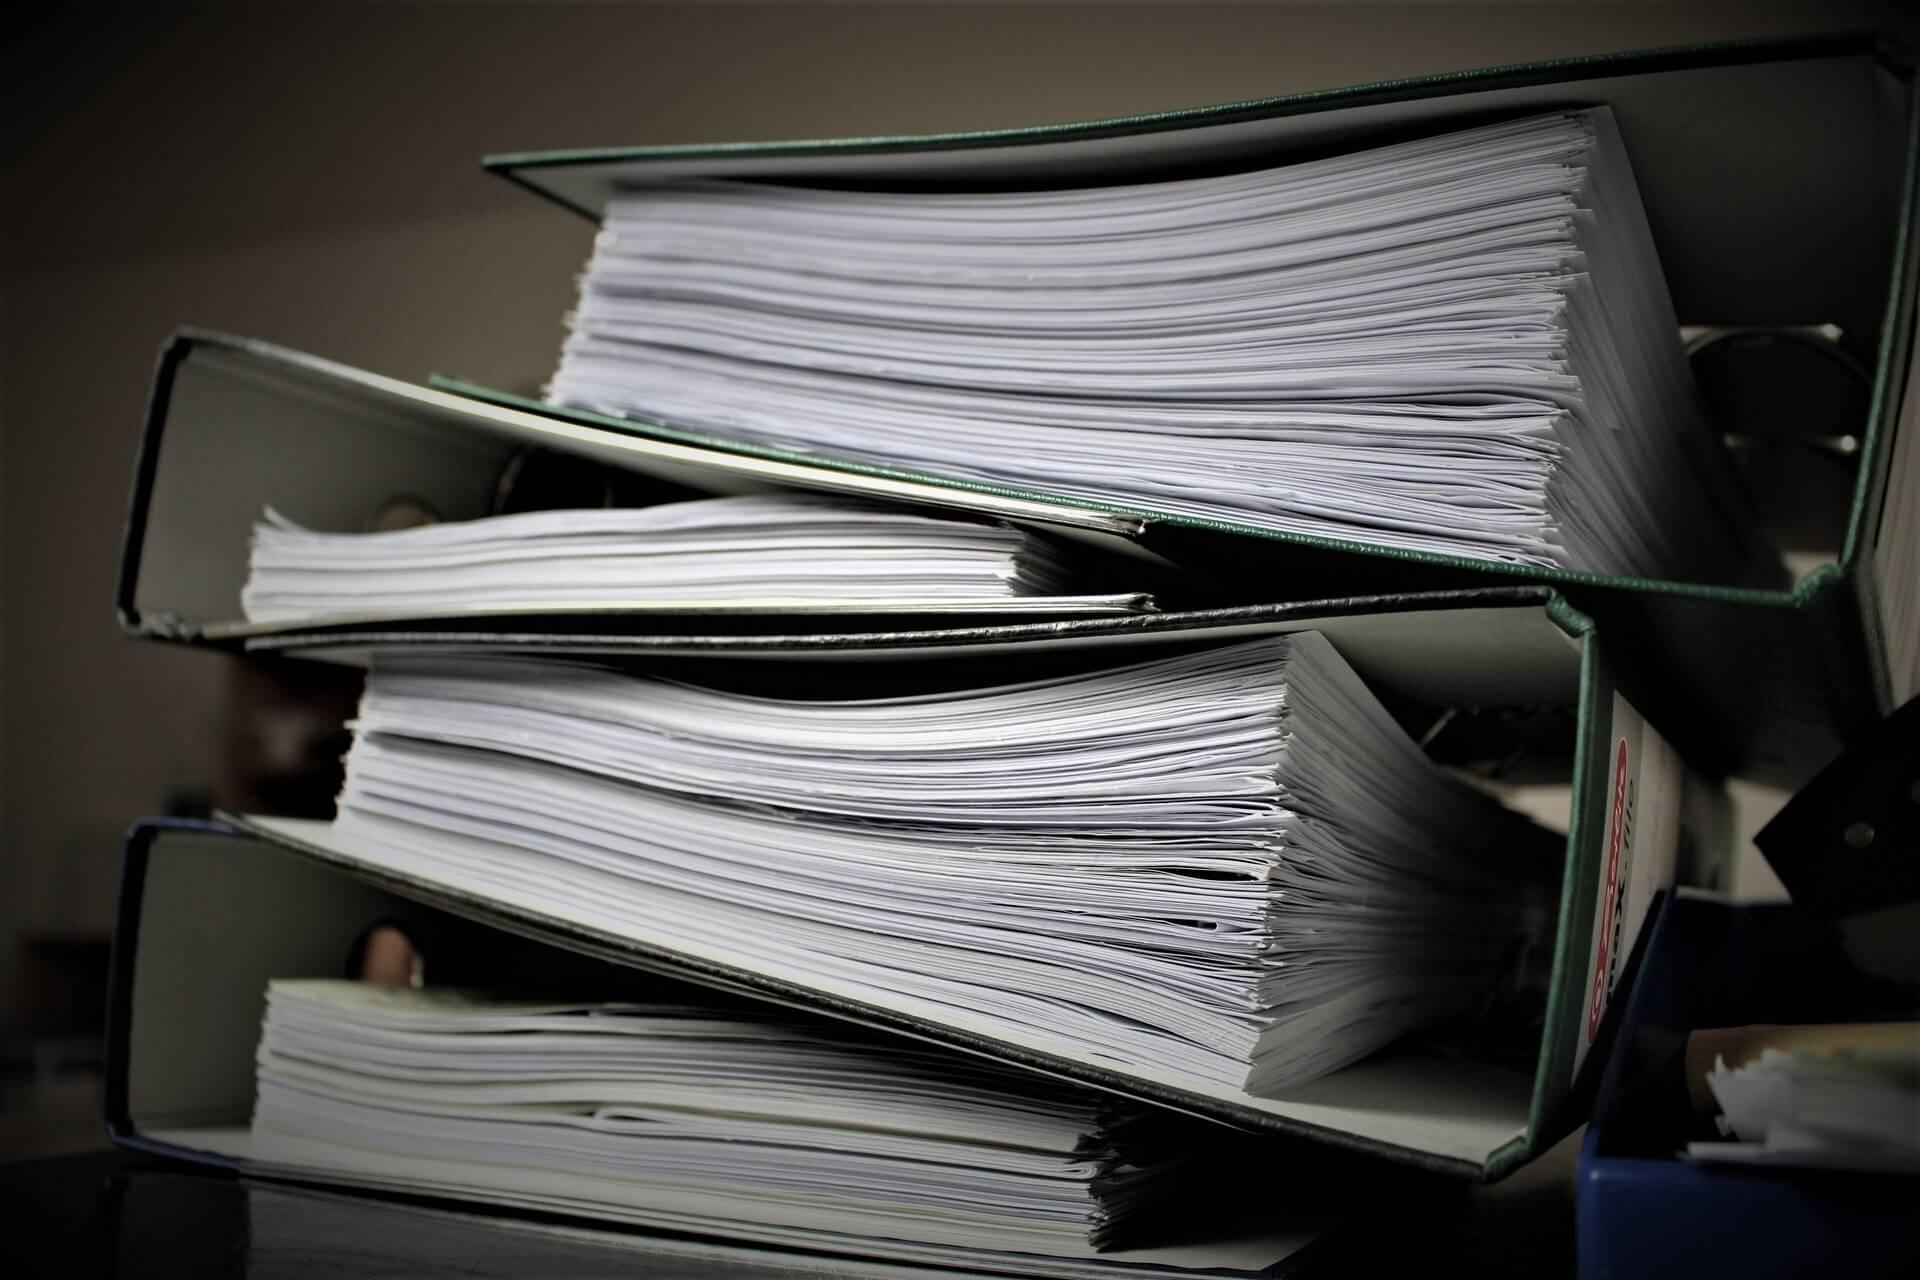 Jakie są zasady obowiązujące przy wystawianiu faktur w aptece? - Aptekarska Szkoła Zarządzania